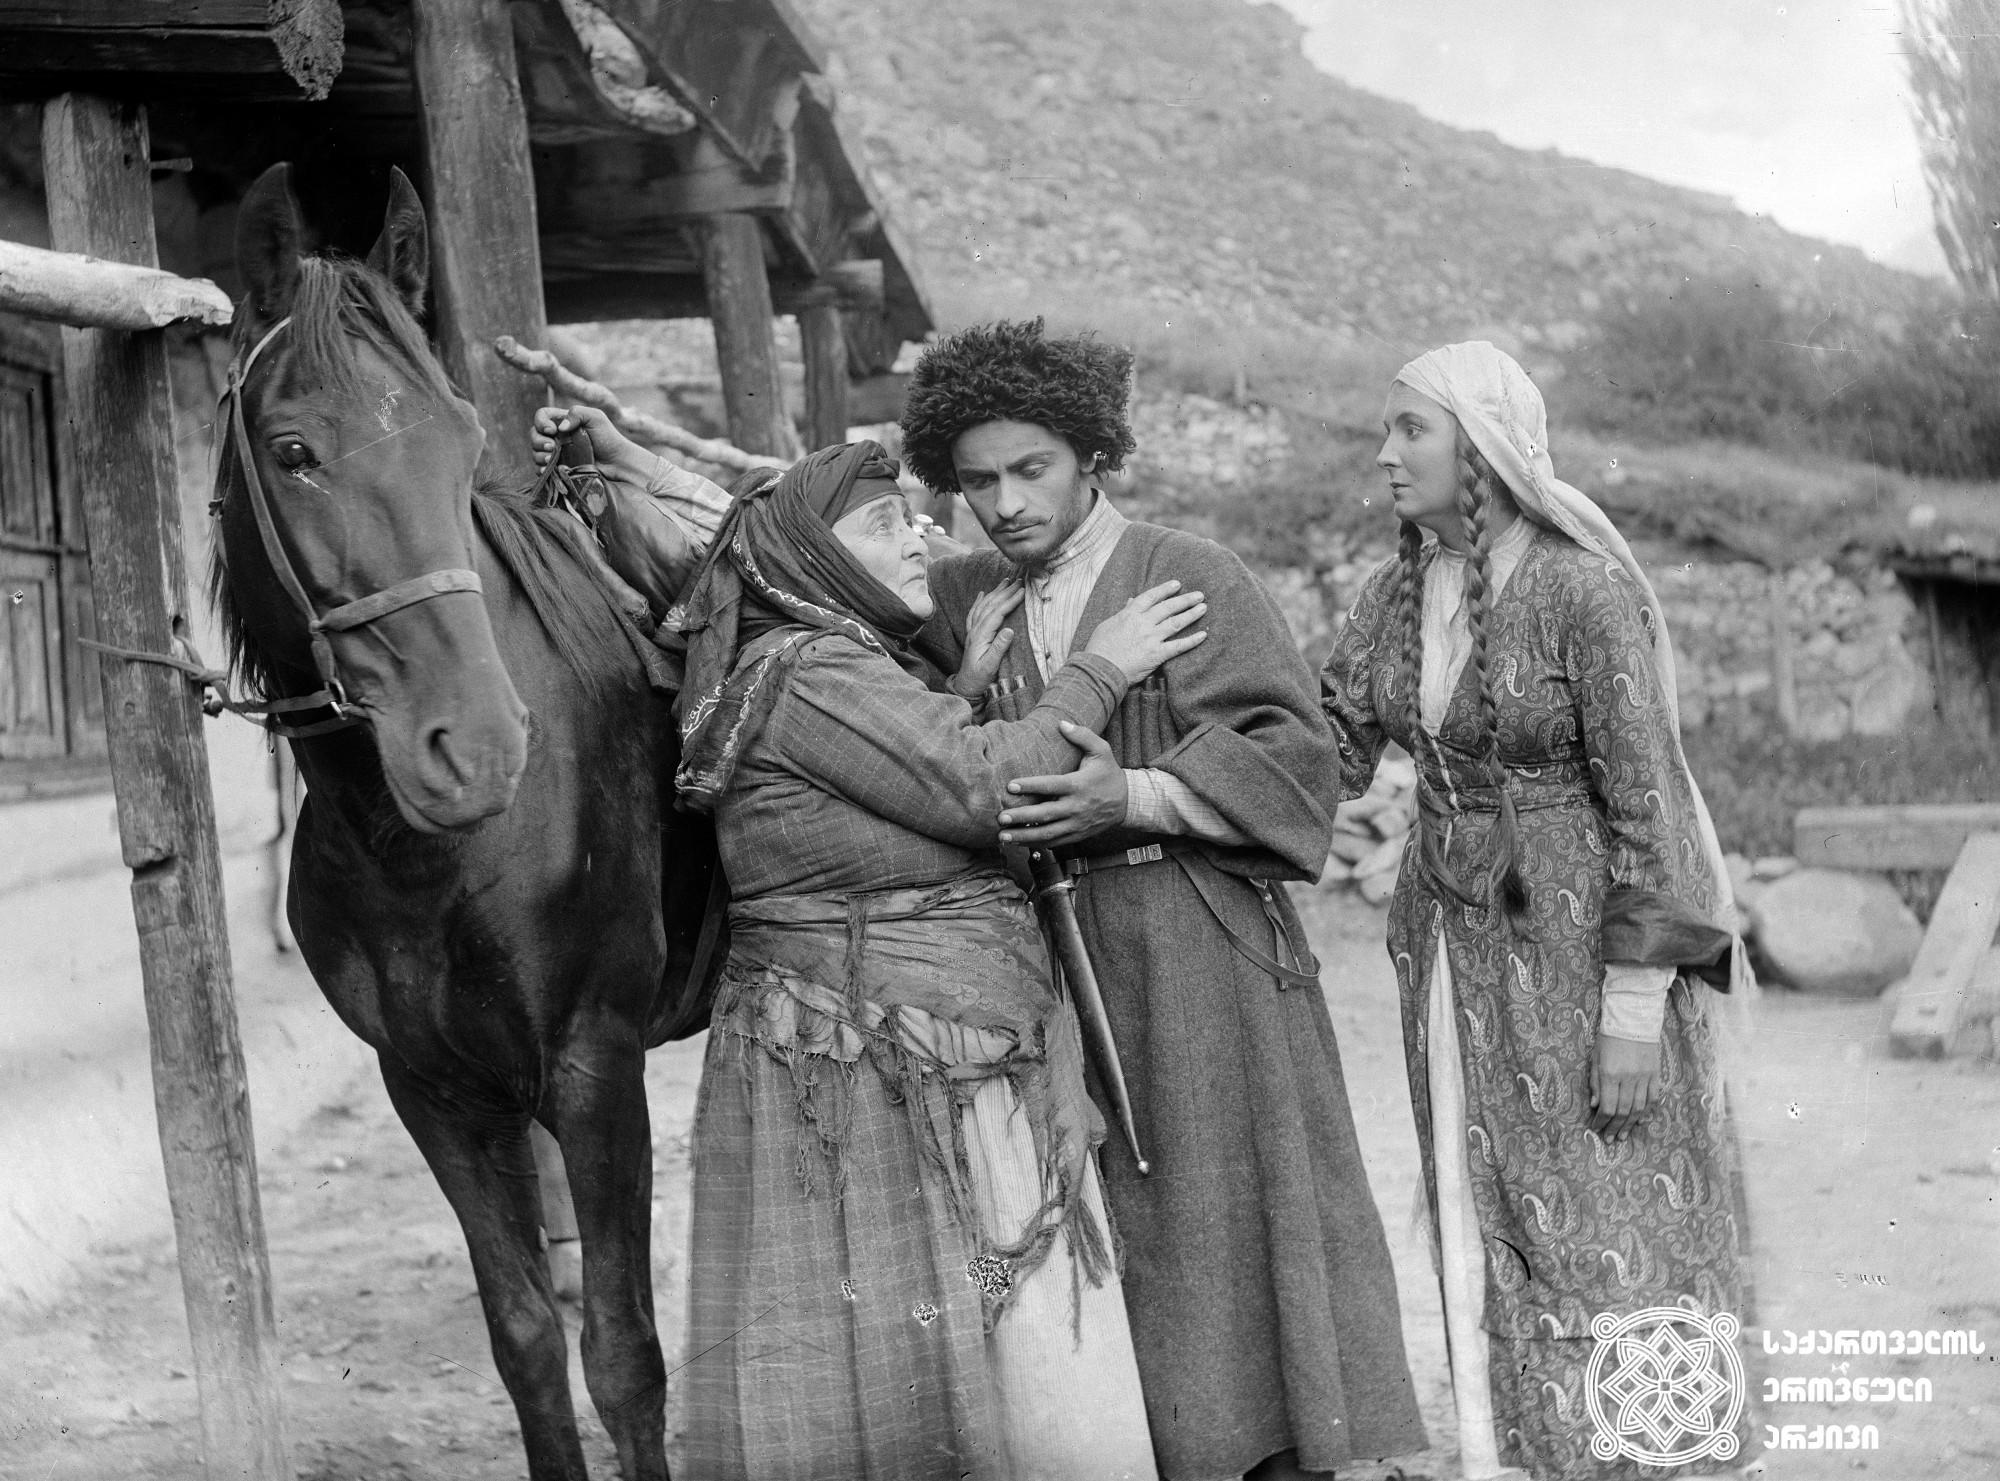 """""""მთების კანონი"""". 1927.<br> რეჟისორი:  ბორის მიხინი. <br> სცენარის ავტორები: იზმაილა ბეი აბაი, ბორის მიხინი. ოპერატორი: ანტონ პოლიკევიჩი. მხატვარი: ვალერიან სიდამონ-ერისთავი. <br>  Mtebis Kanoni (Rule of Mountains). 1927. Director: Boris Mikhin. <br> Screenwriters: Izmaila Bey Abai, Boris Mikhin. Camera operator: Anton Polikevich. Production designer: Valerian Sidamon-eristavi."""